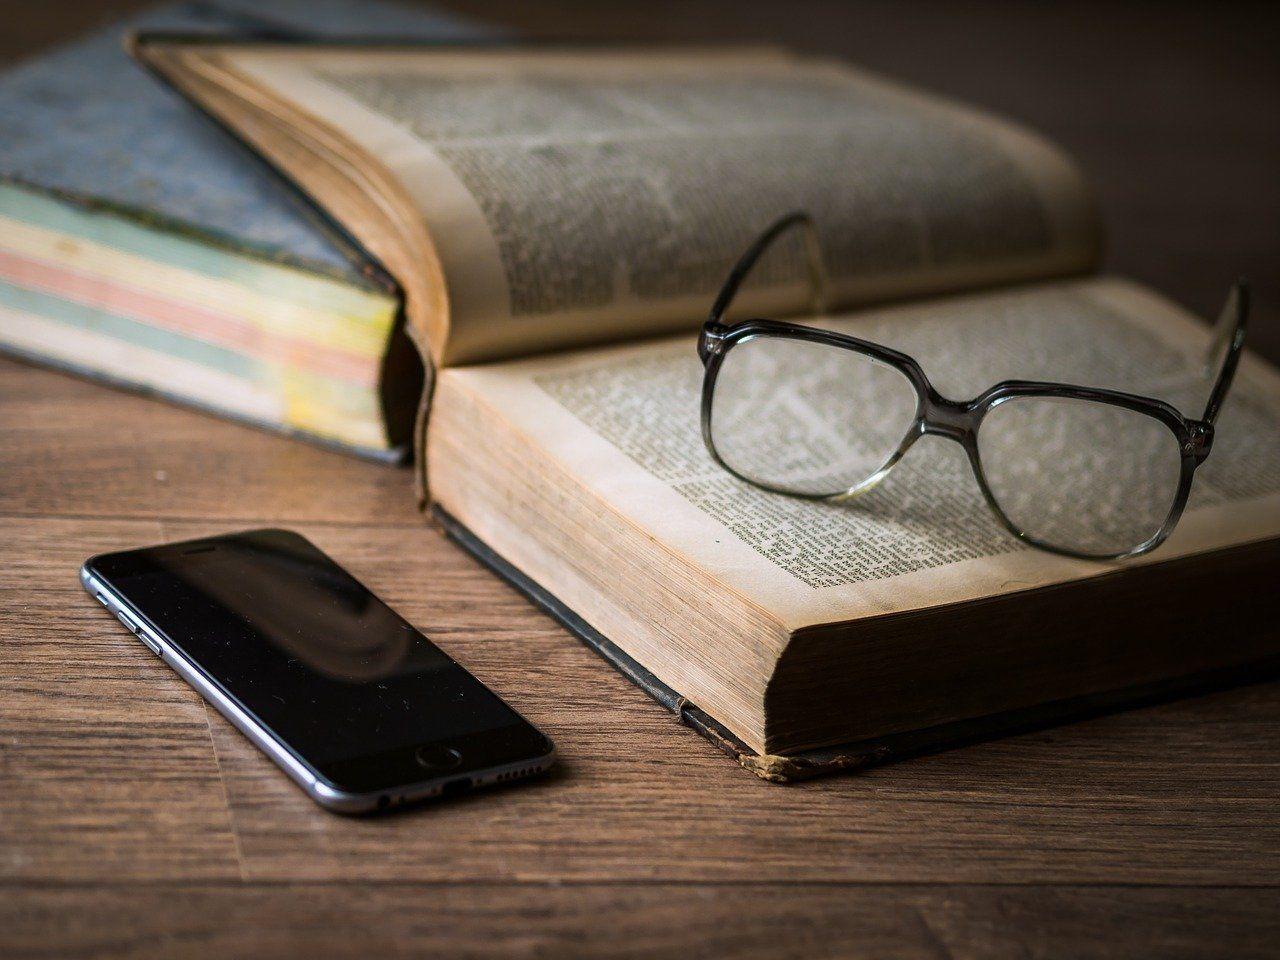 Livre ouvert avec lunette et smartphone